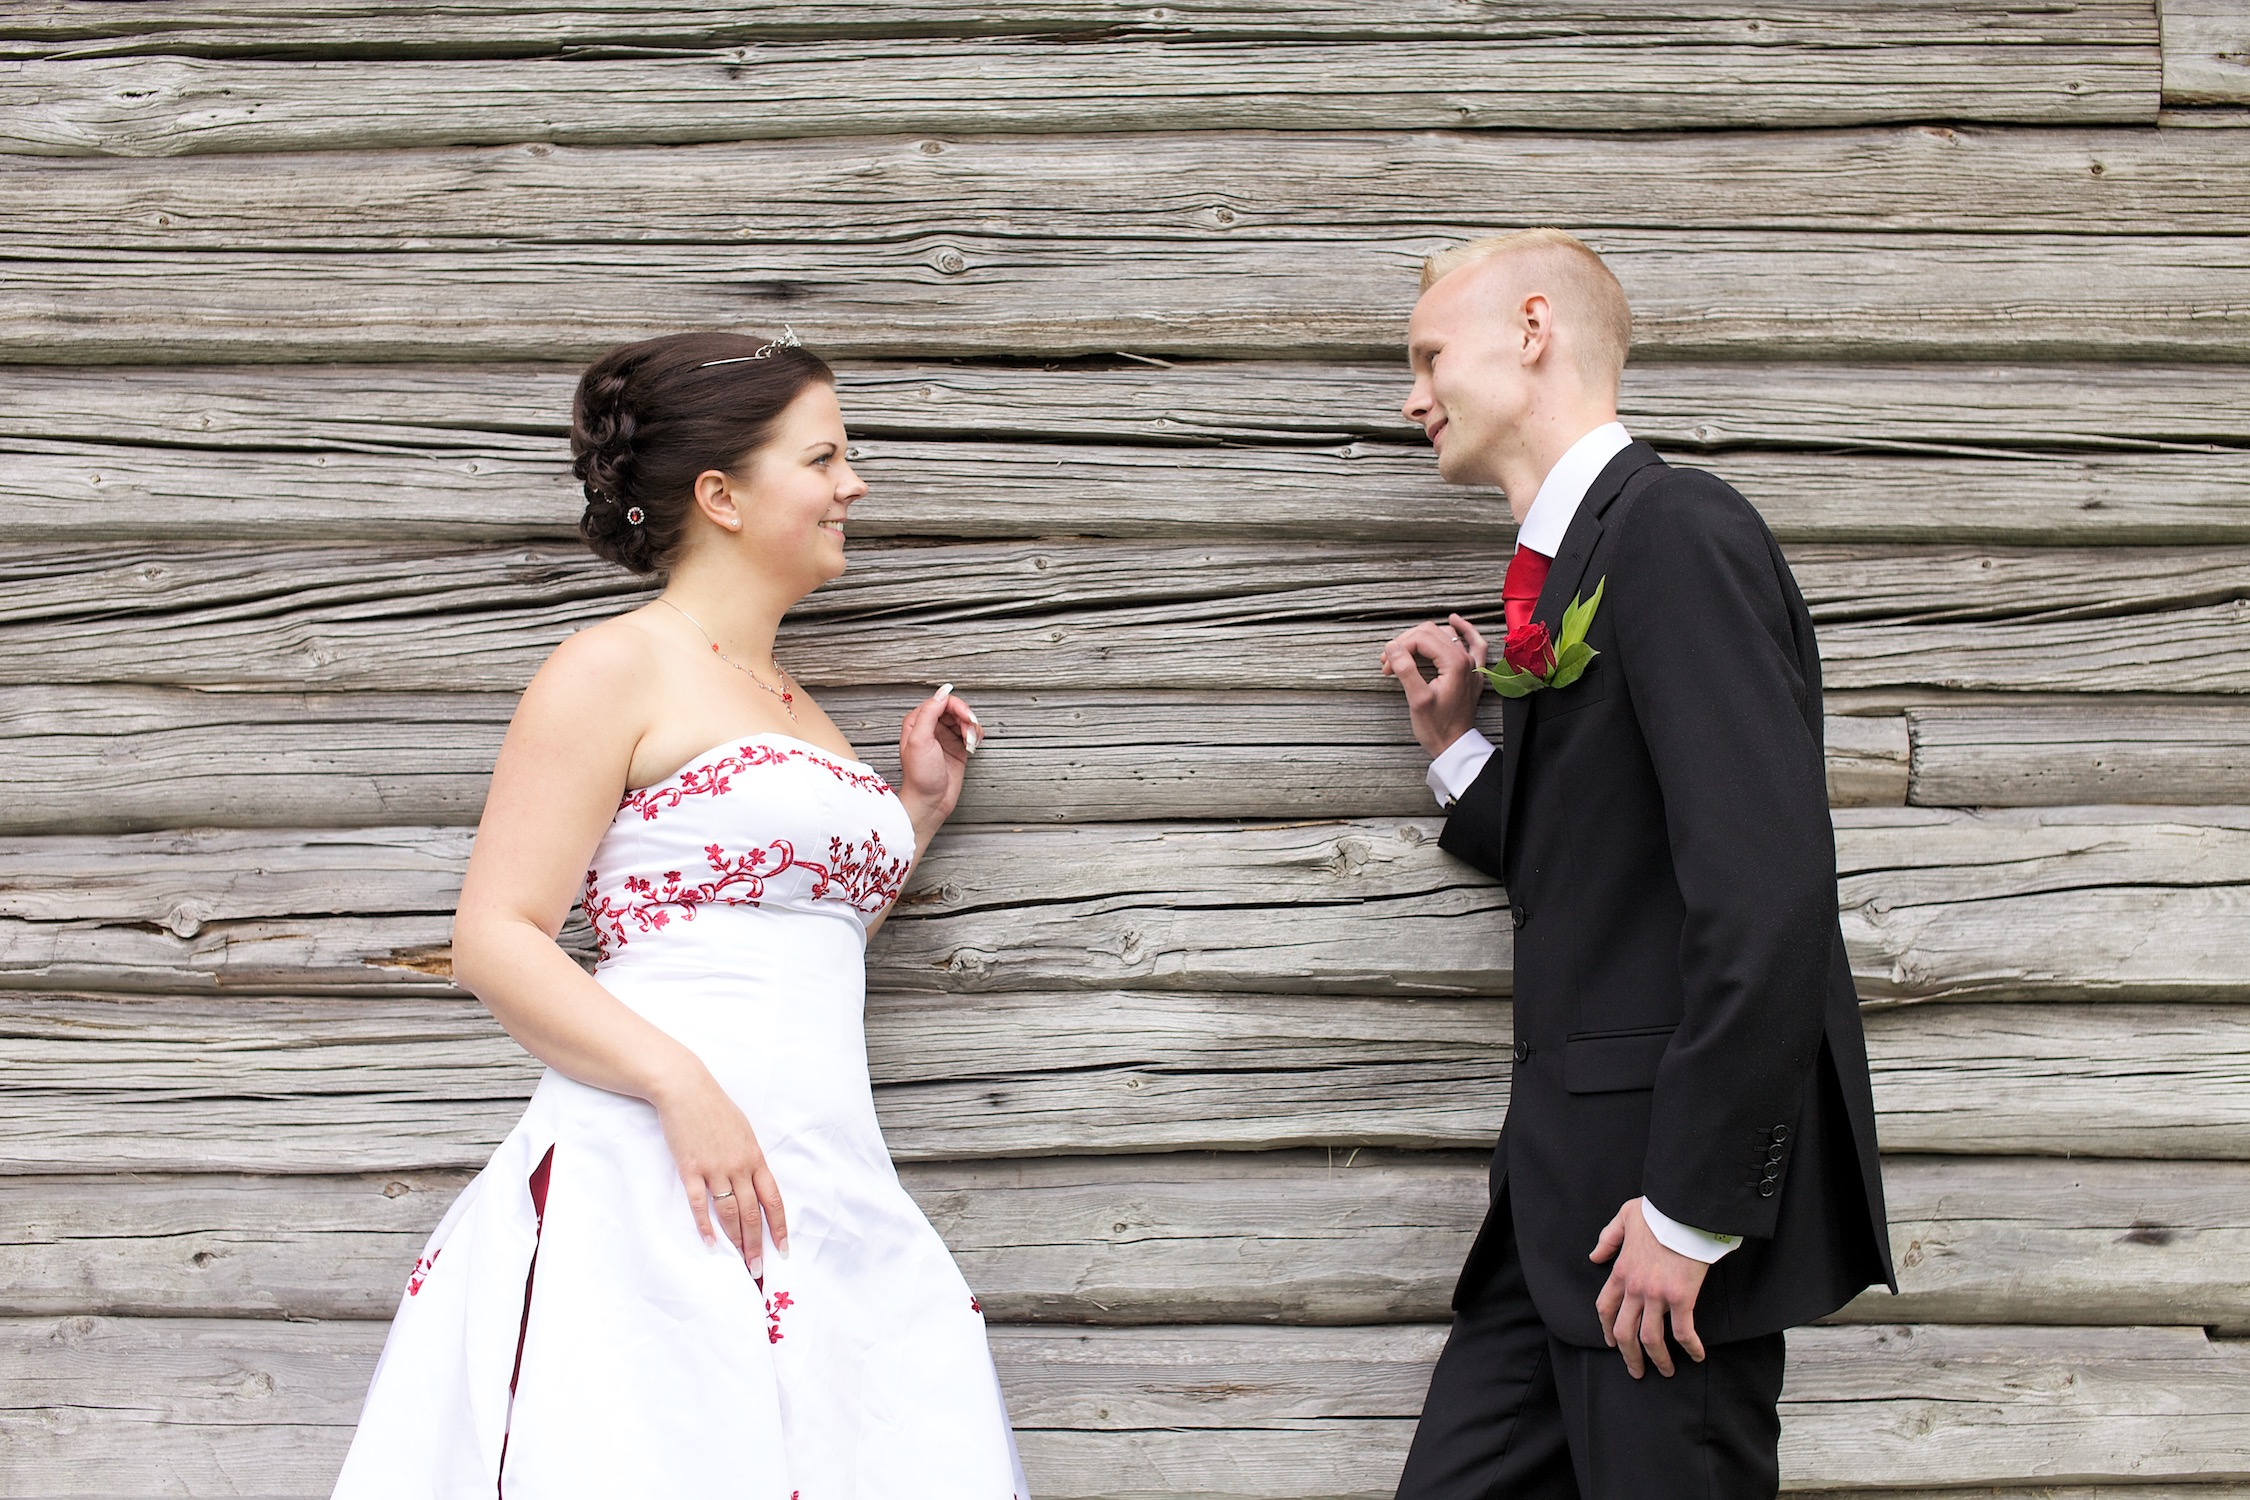 bryllup-bryllupsfotograf-bryllupsfotografering-fotograf-pål-hodne-hodne-design-hodnedesign 10.jpg